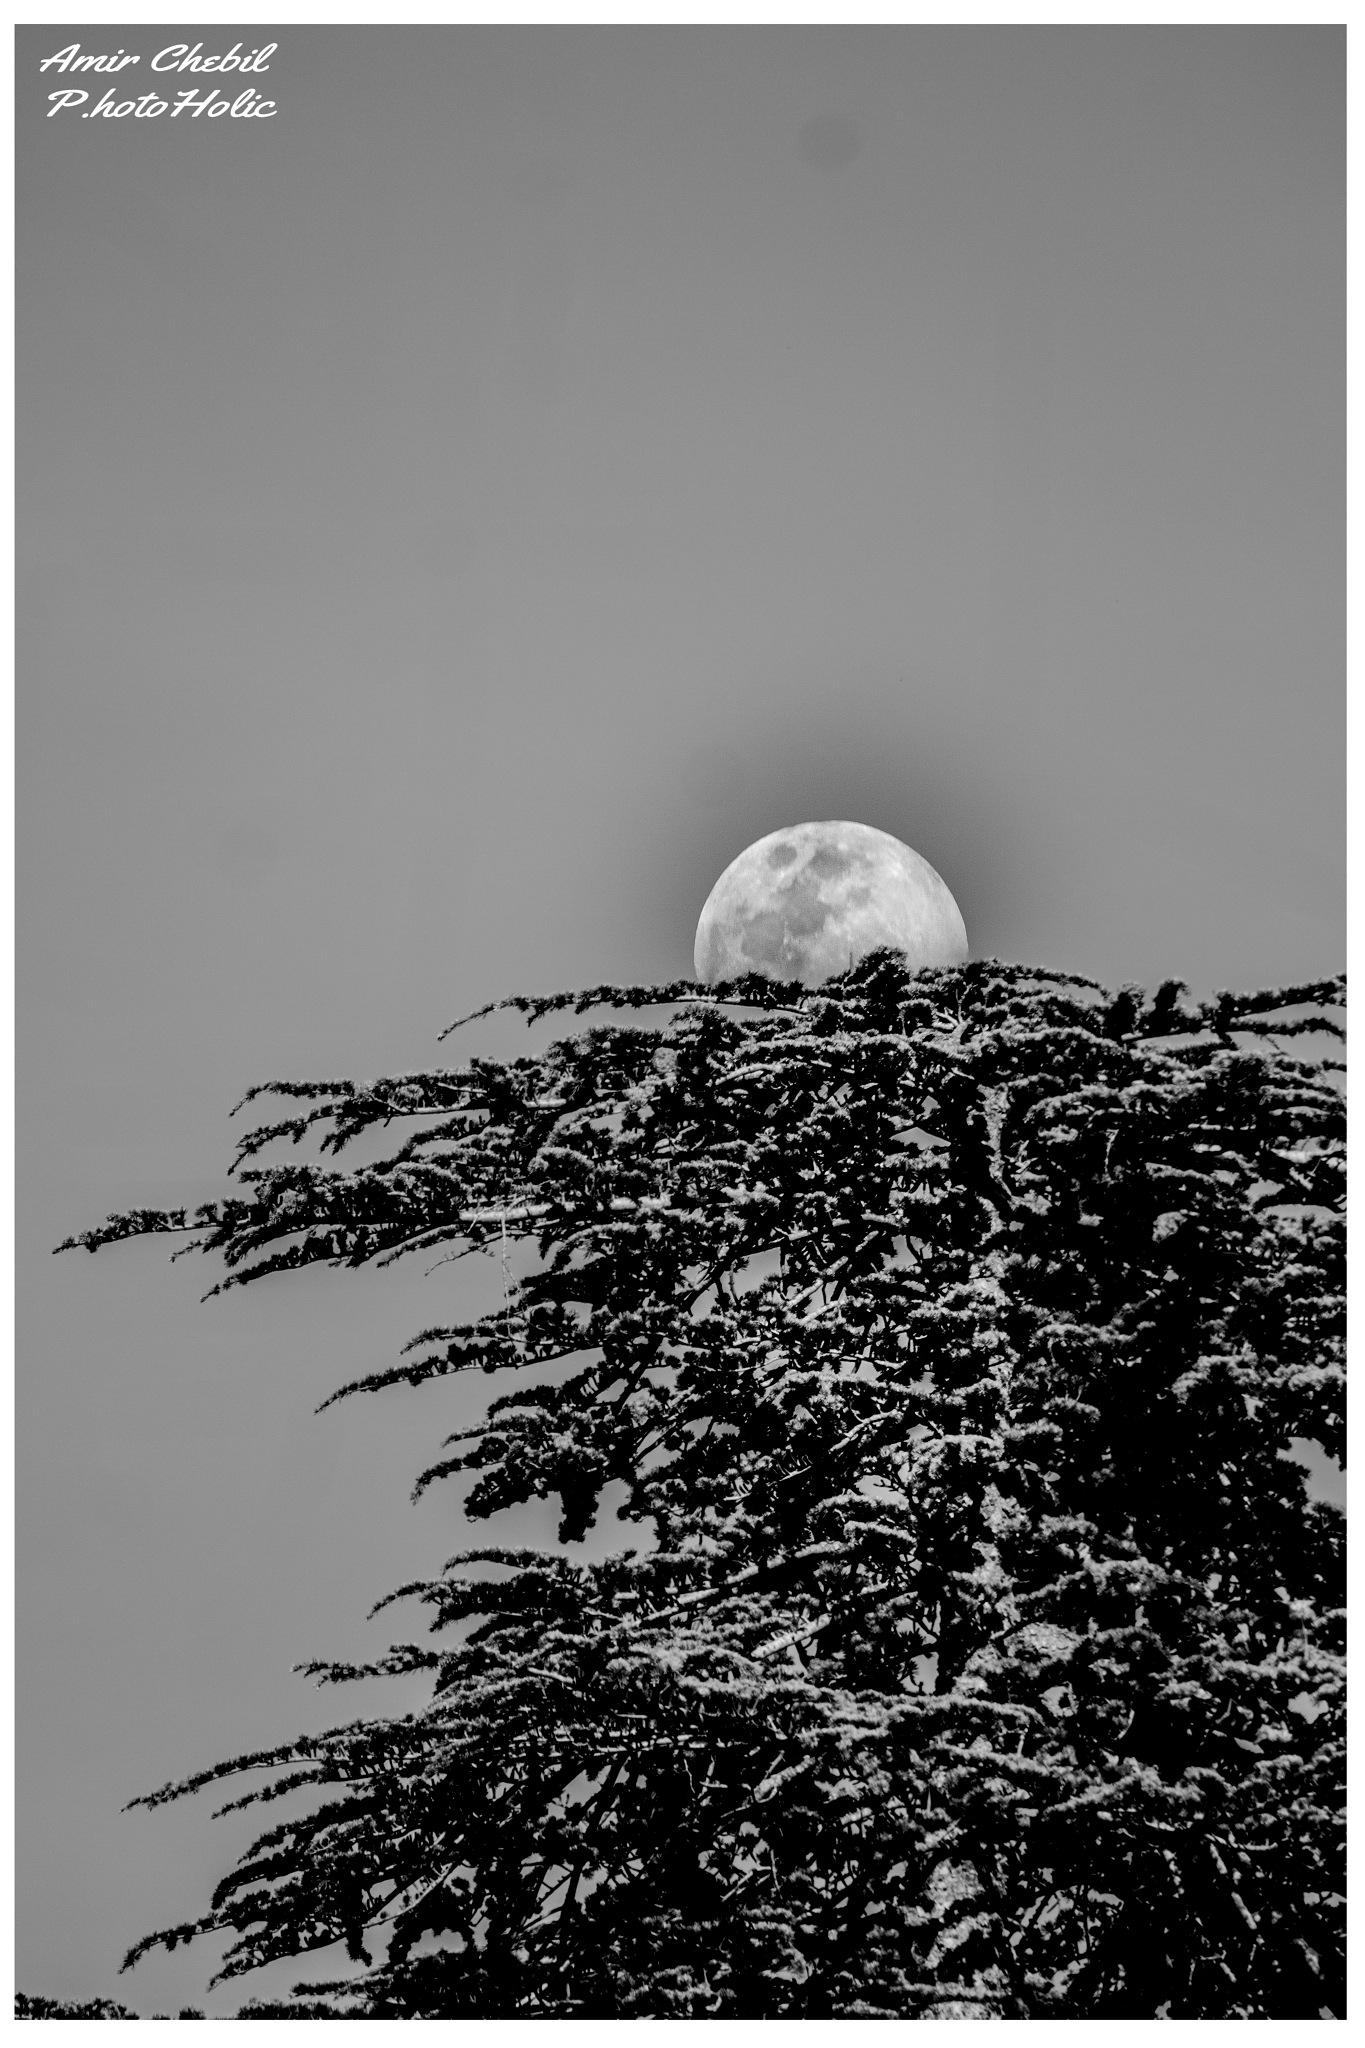 Sunrise of the Moon by El Prince Chebilo